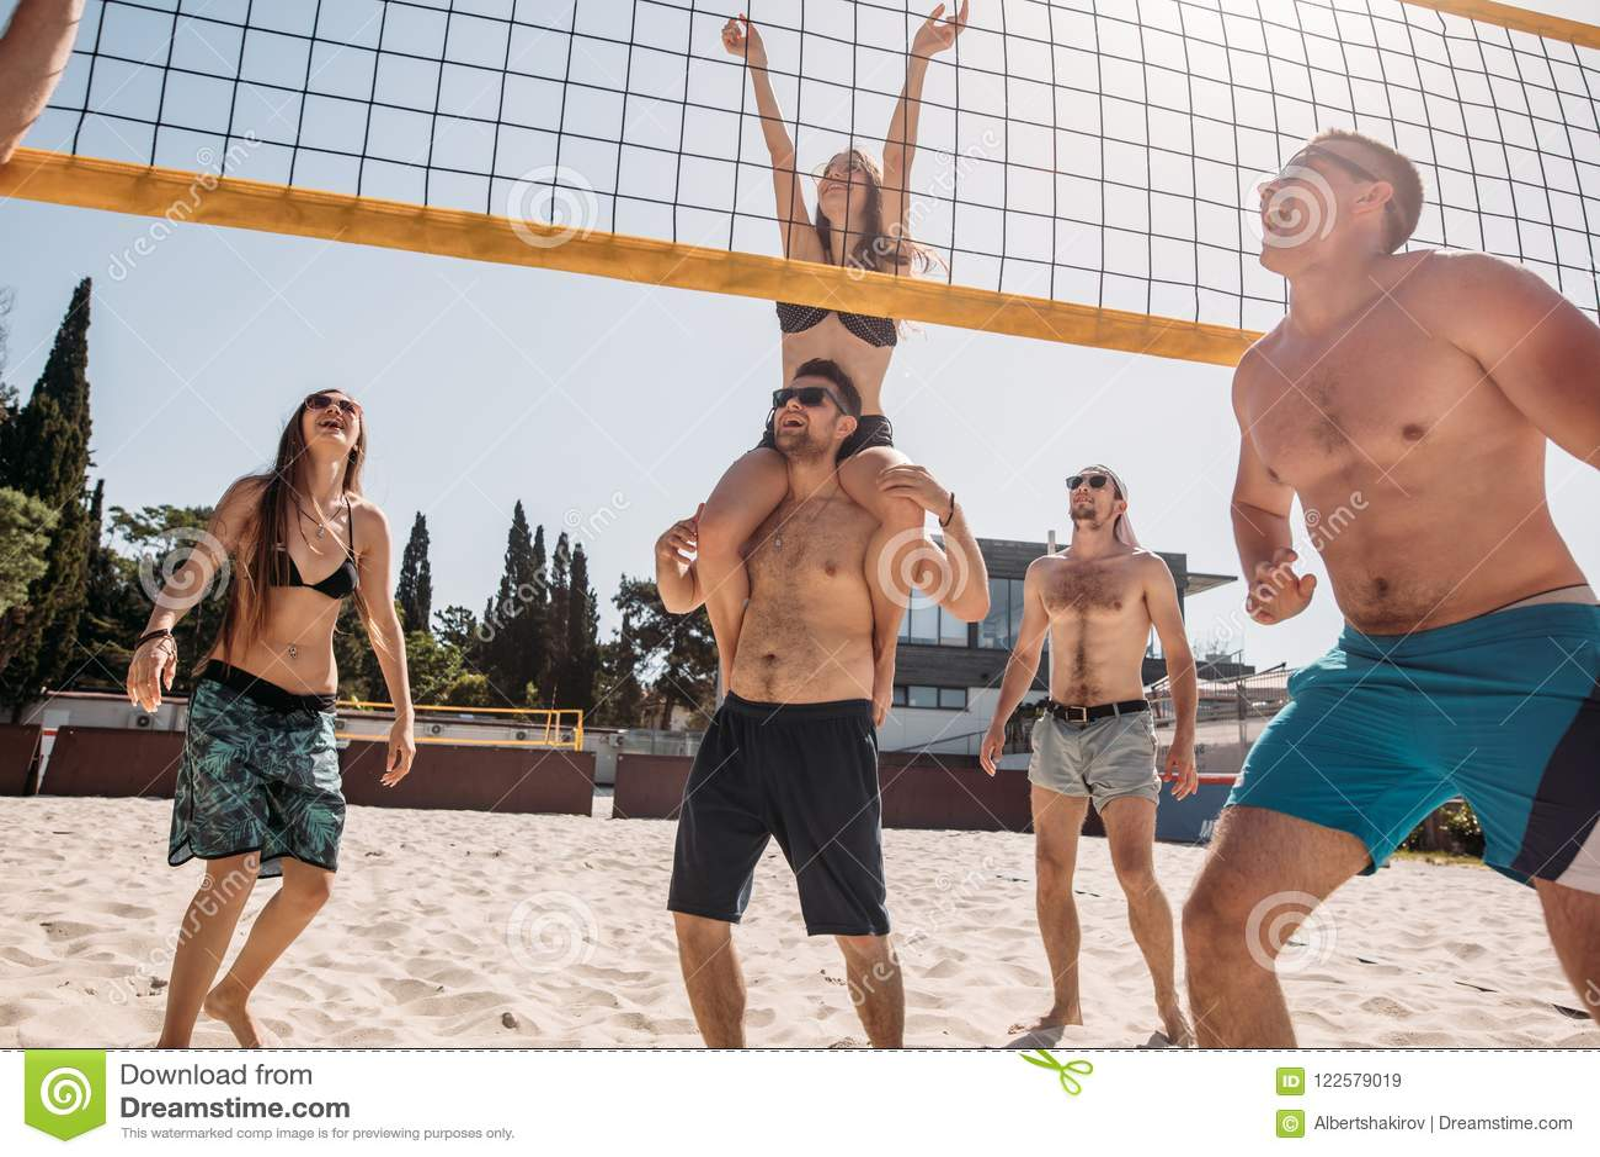 Agrupe a los amigos caucásicos jovenes que juegan a voleibol en la playa el vacaciones de verano